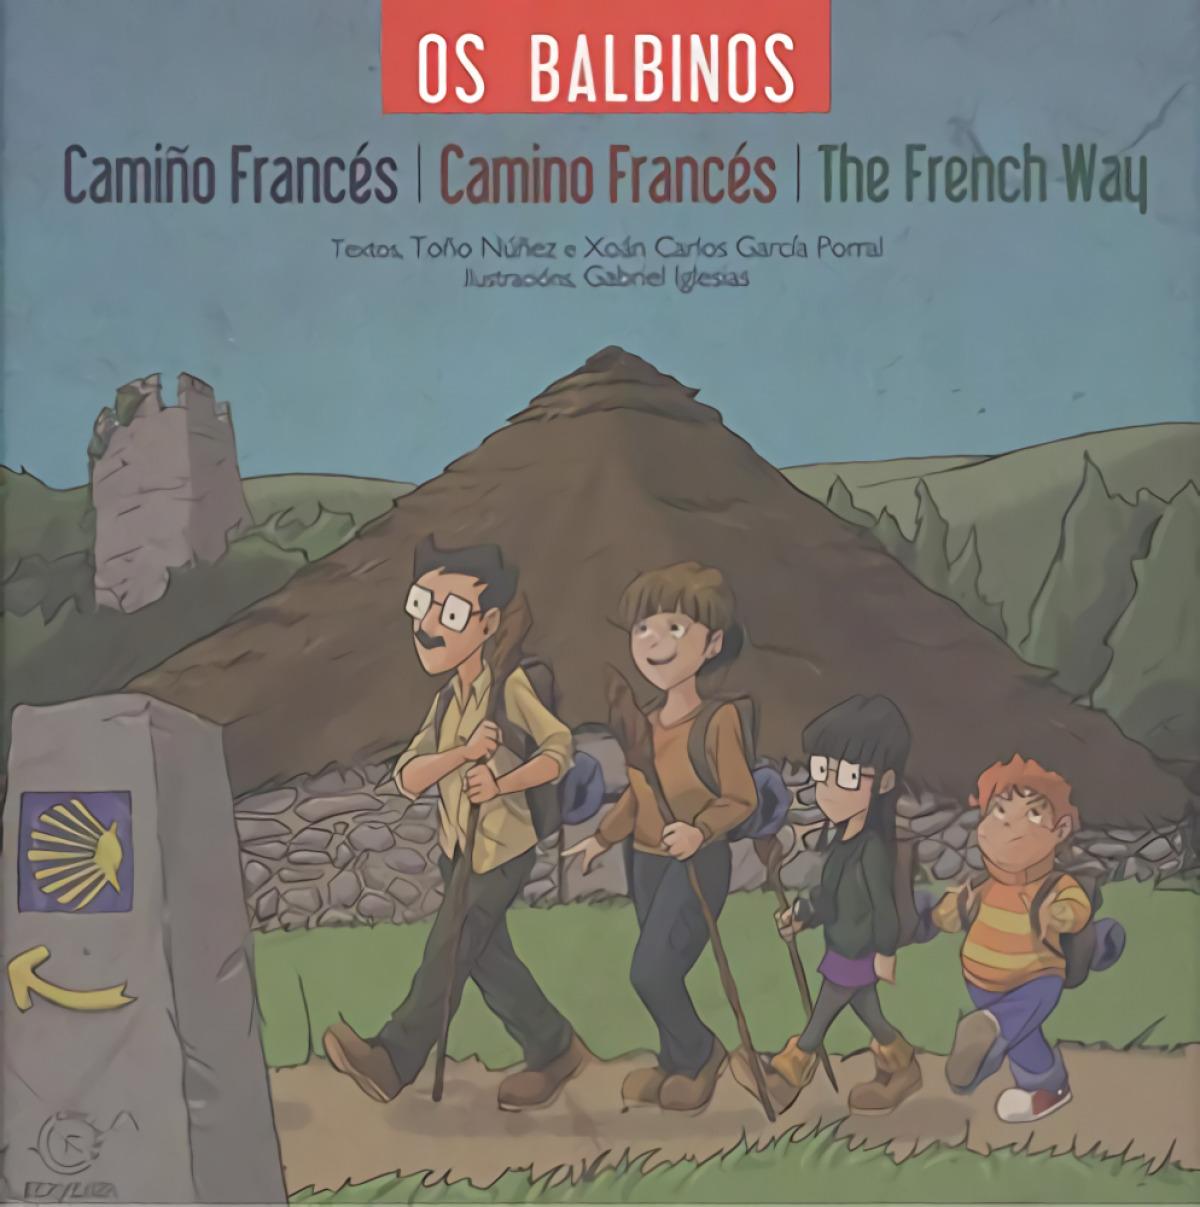 OS BALBINOS CAMIÑO FRANCES , CAMINO FRANCES , THE FRENCH WAY